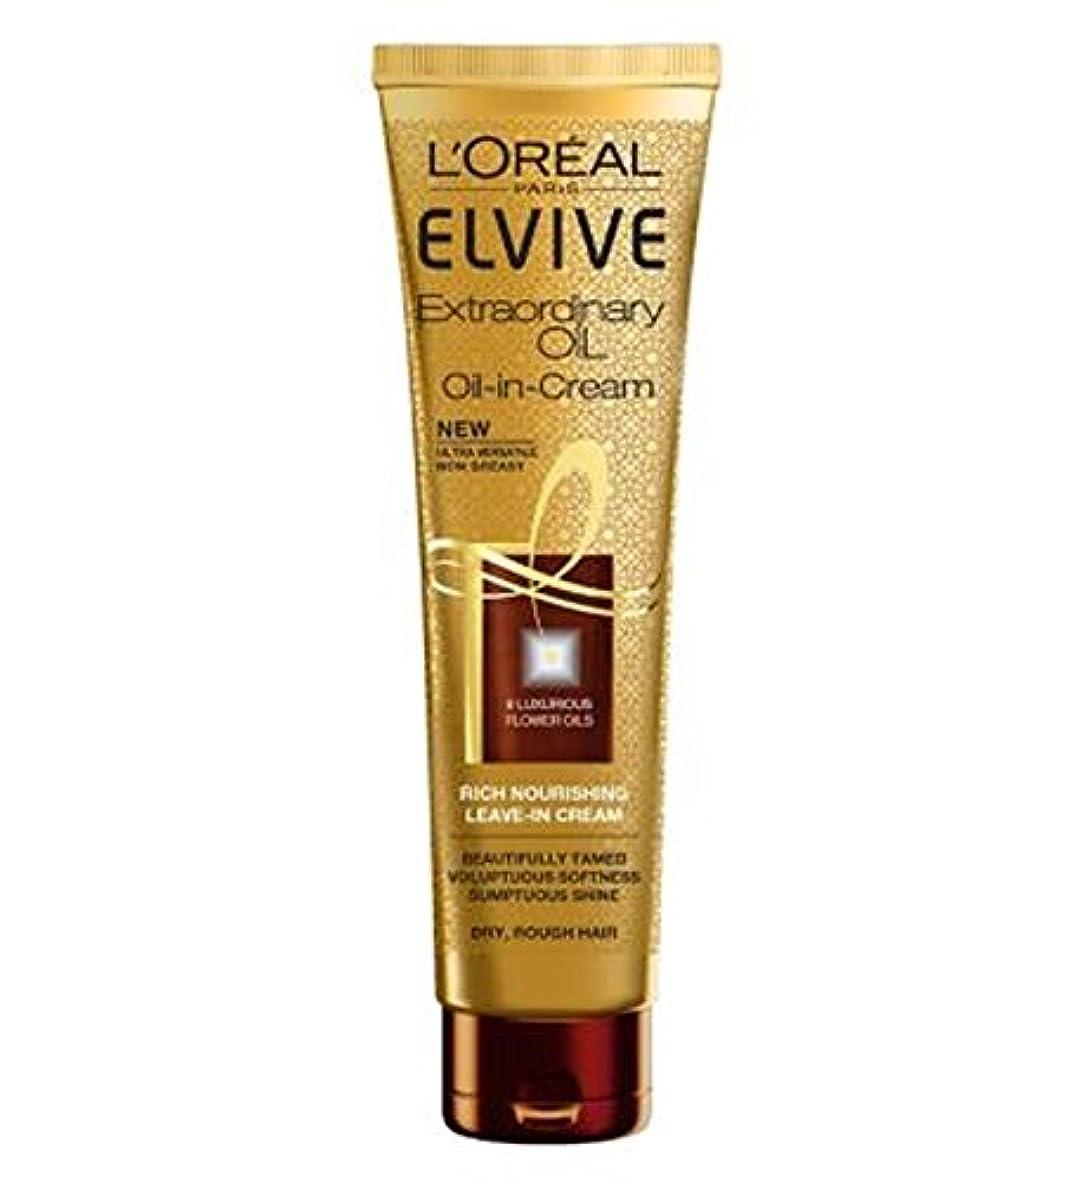 引き渡すカイウス豊かにするクリーム乾いた髪でロレアルパリElvive臨時オイル (L'Oreal) (x2) - L'Oreal Paris Elvive Extraordinary Oil in Cream Dry Hair (Pack of...